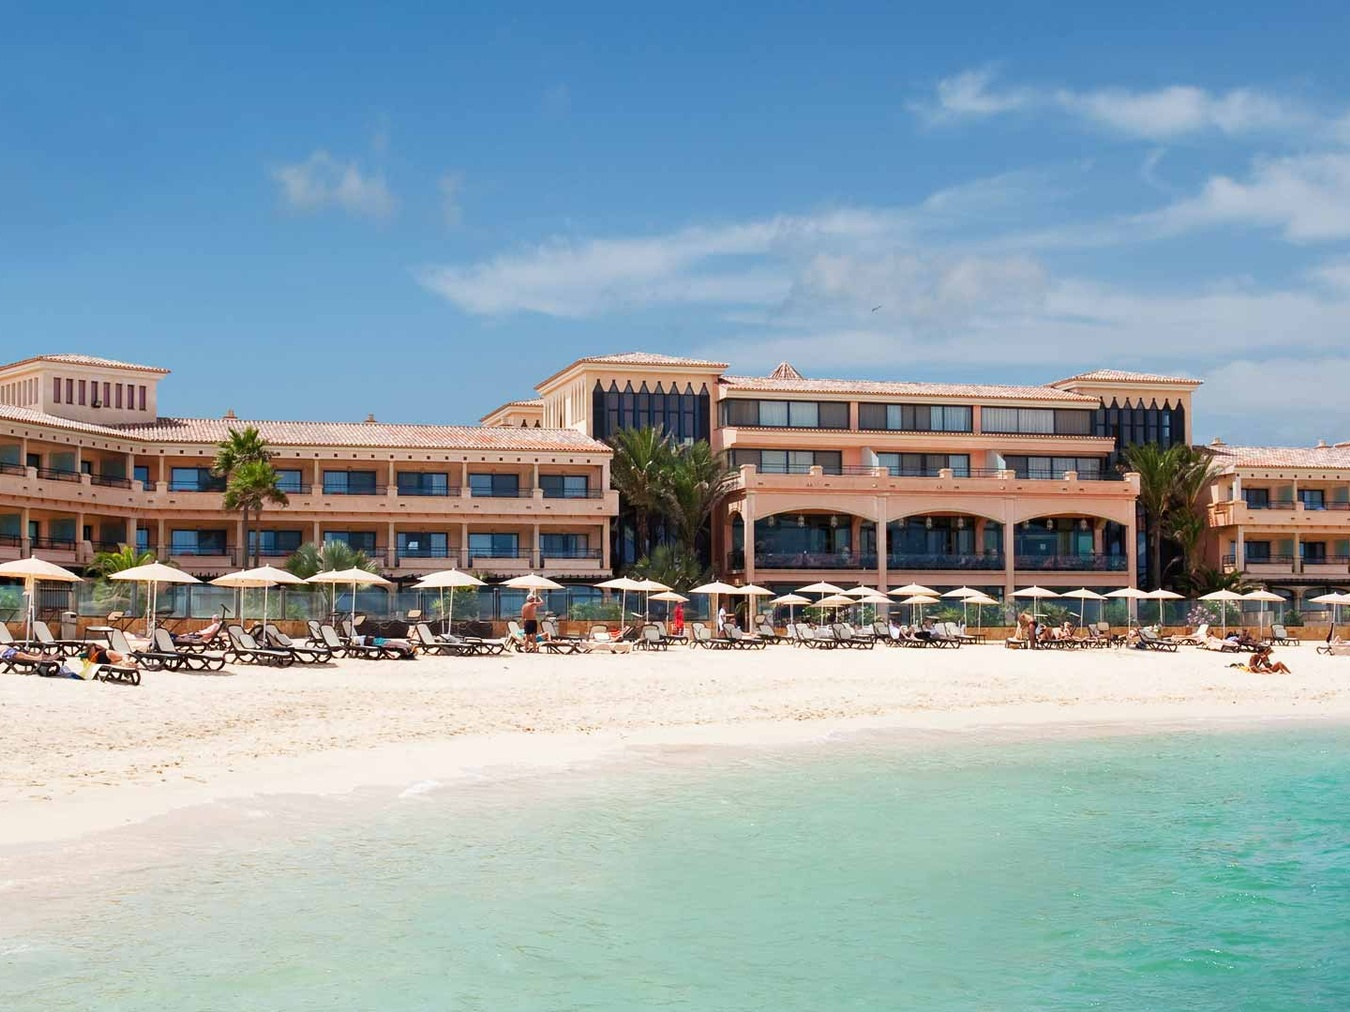 Gran Hotel Atlantis Bahia Real : gran hotel atlantis bahia real fuerteventura canary ~ Watch28wear.com Haus und Dekorationen